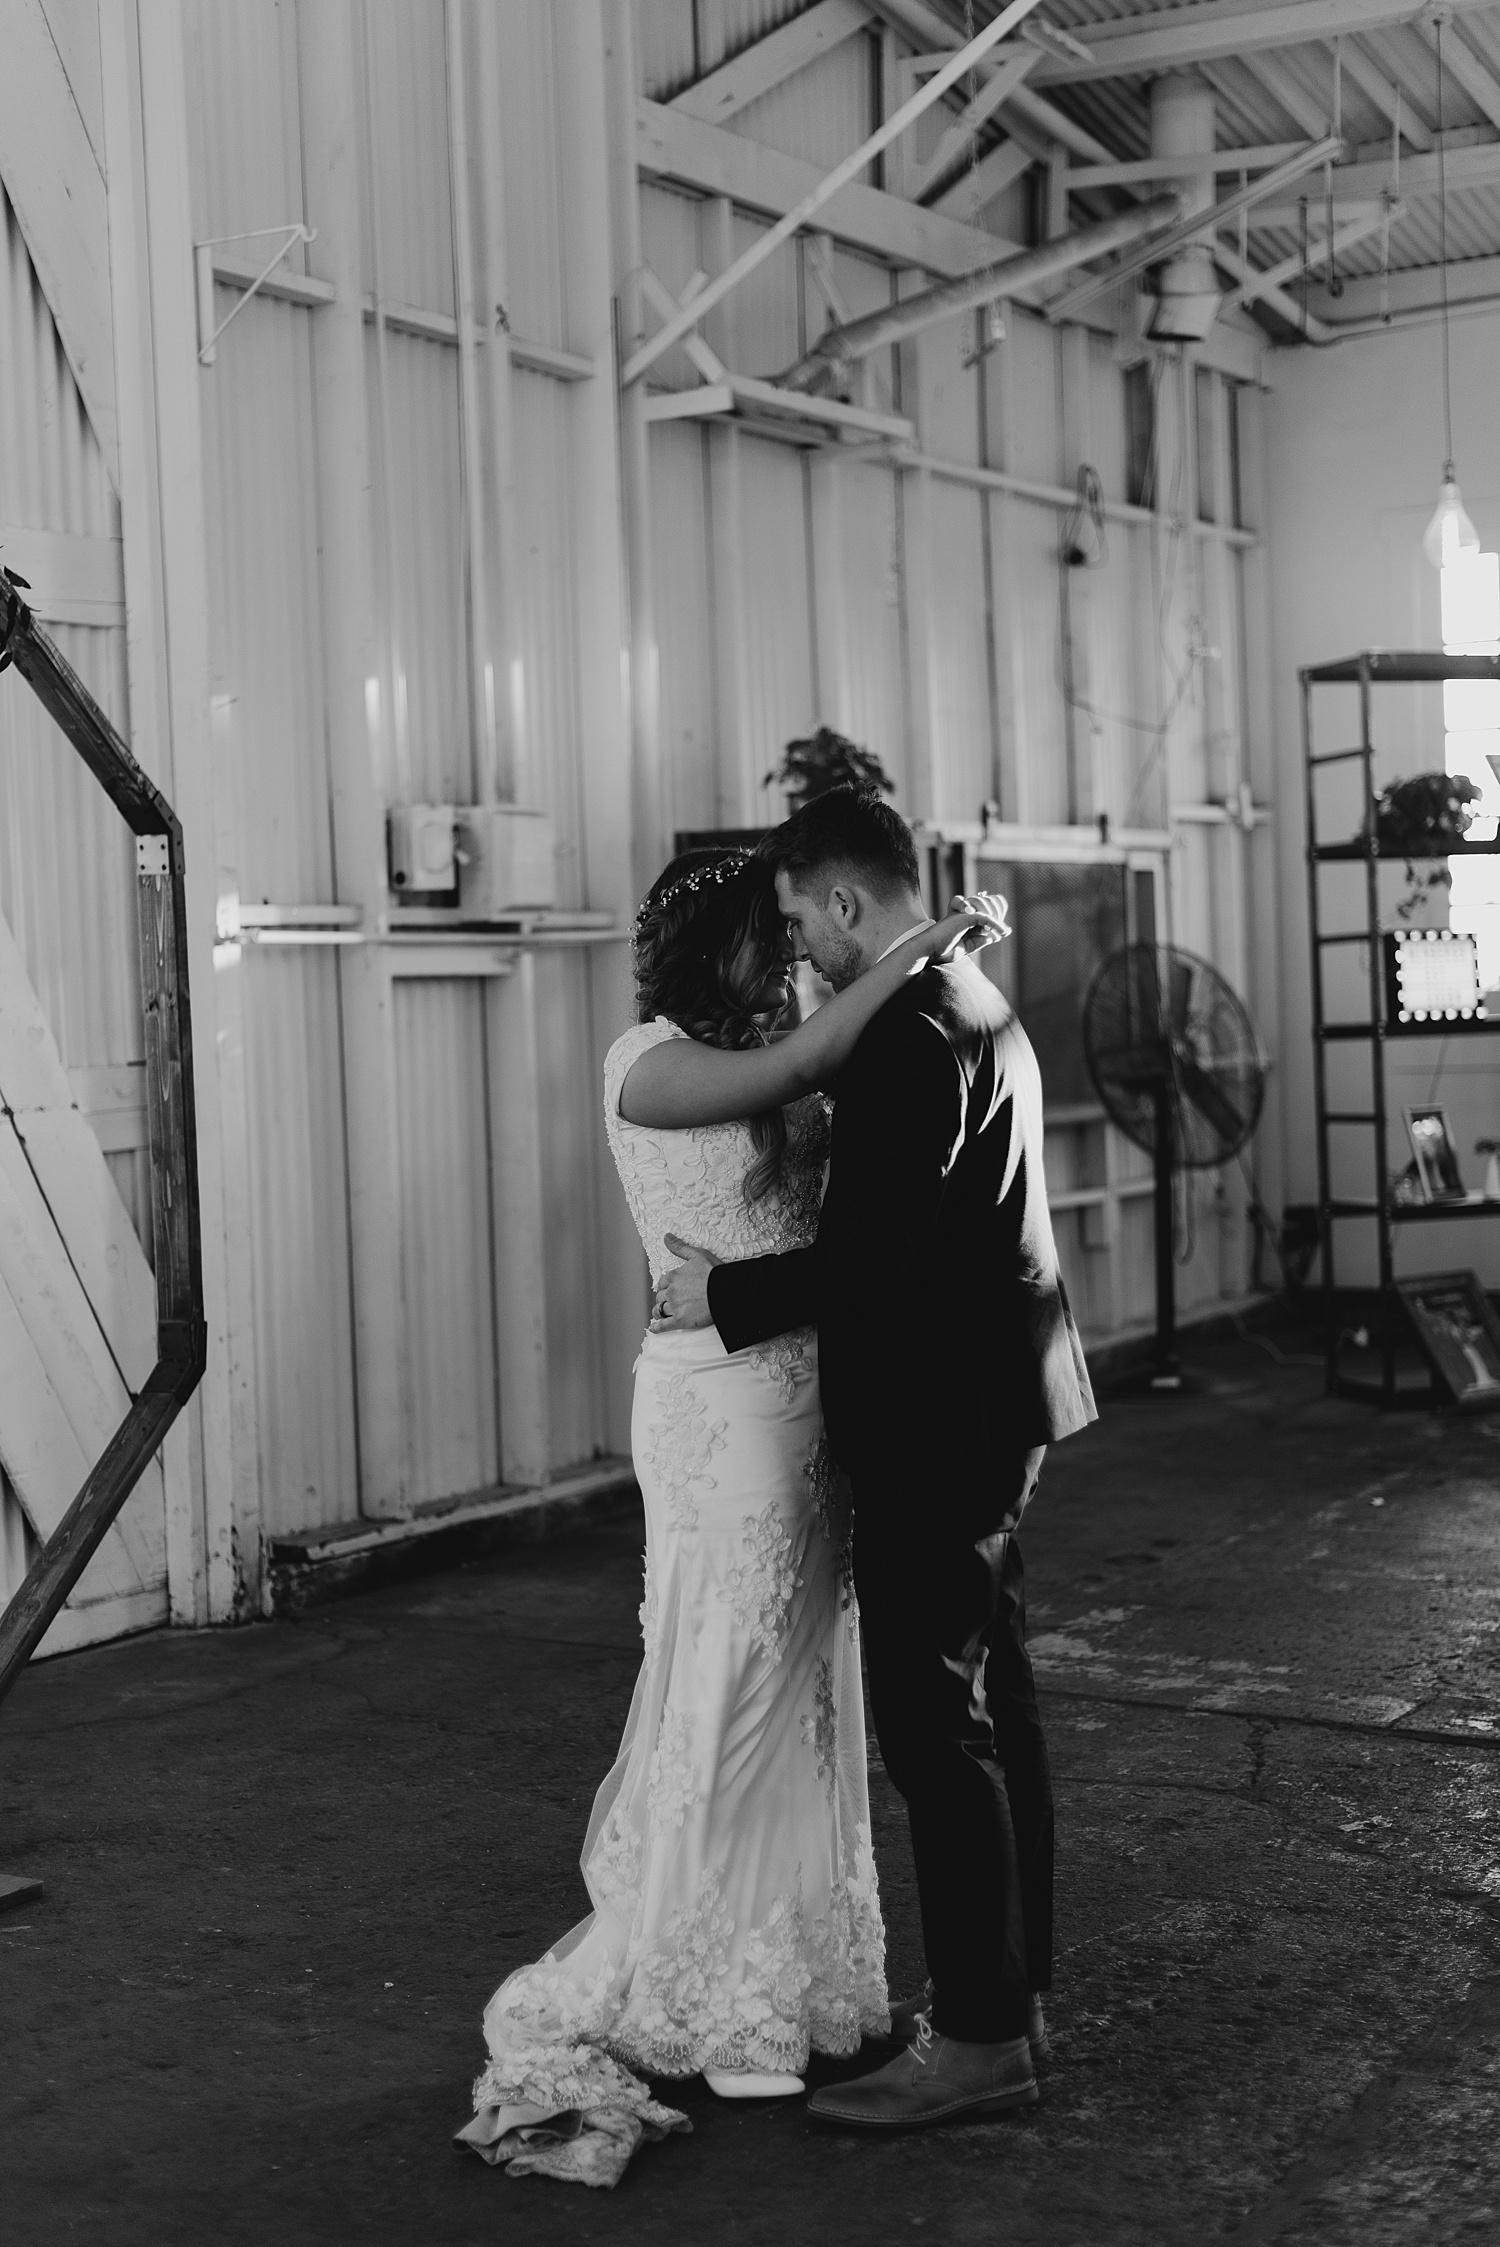 Zandra Barriga Photo - Dallas and Megan Wedding_0075.jpg